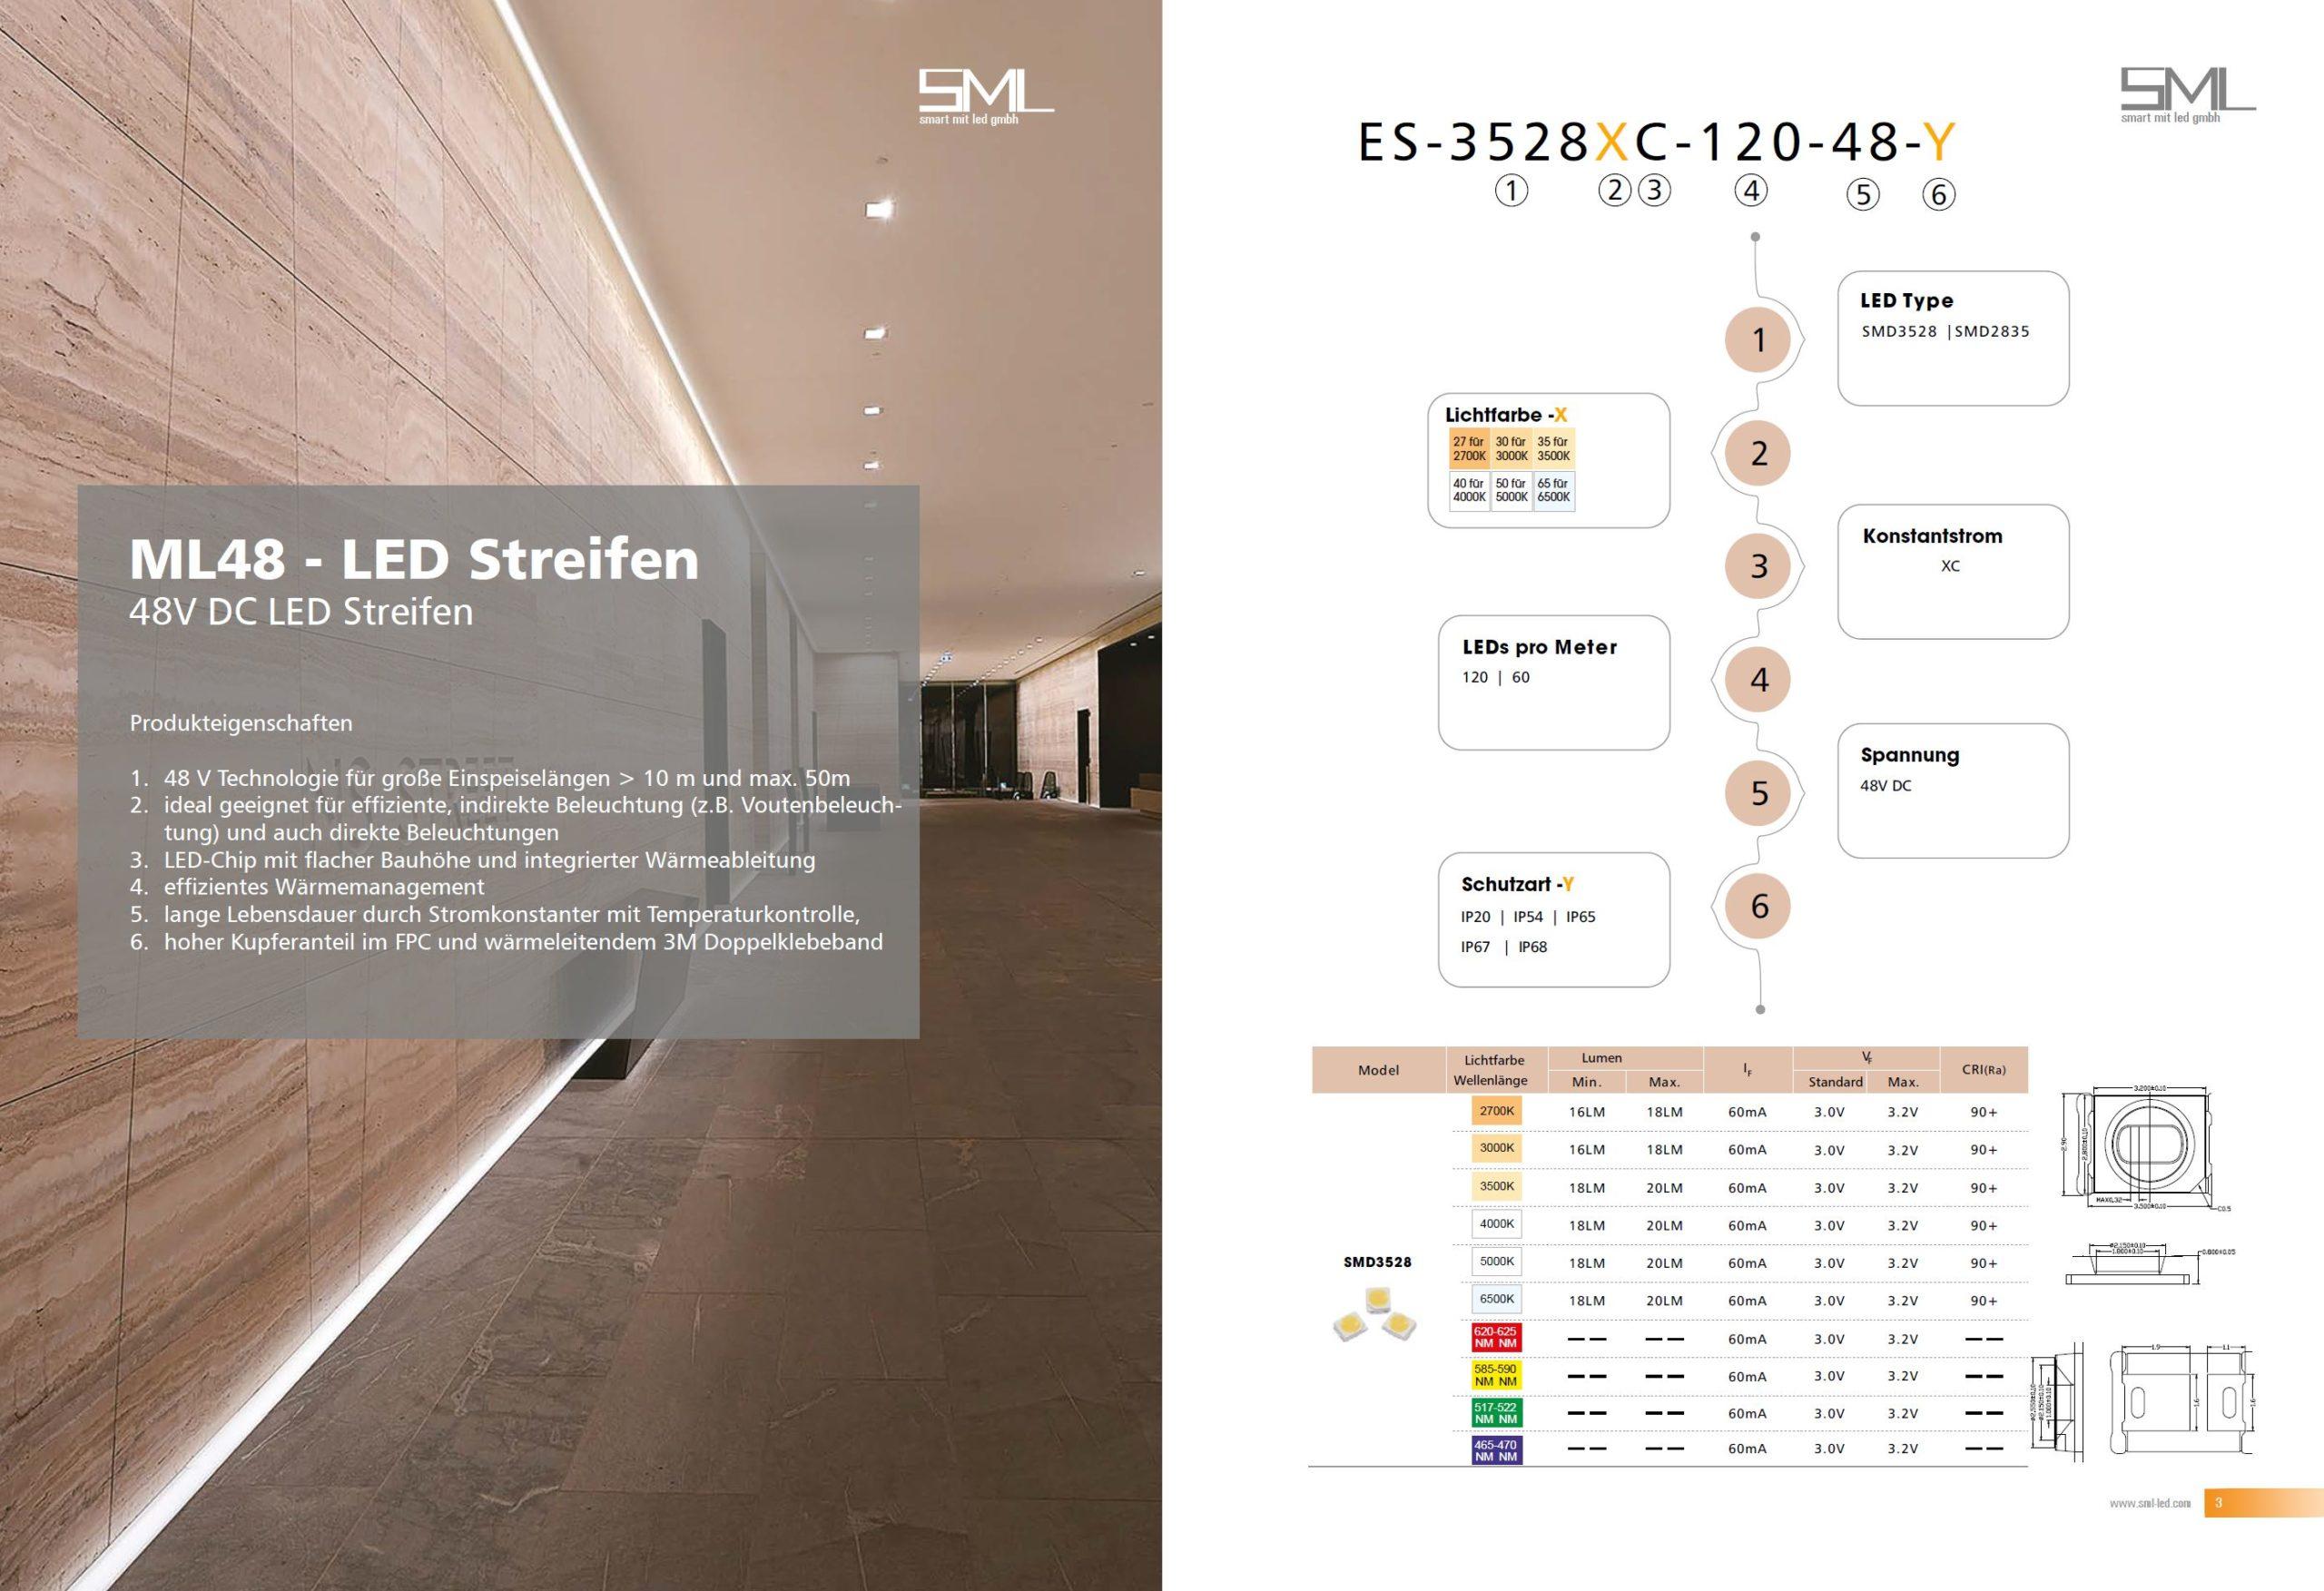 SML LED Streifen für Längen bis zu 50 Meter